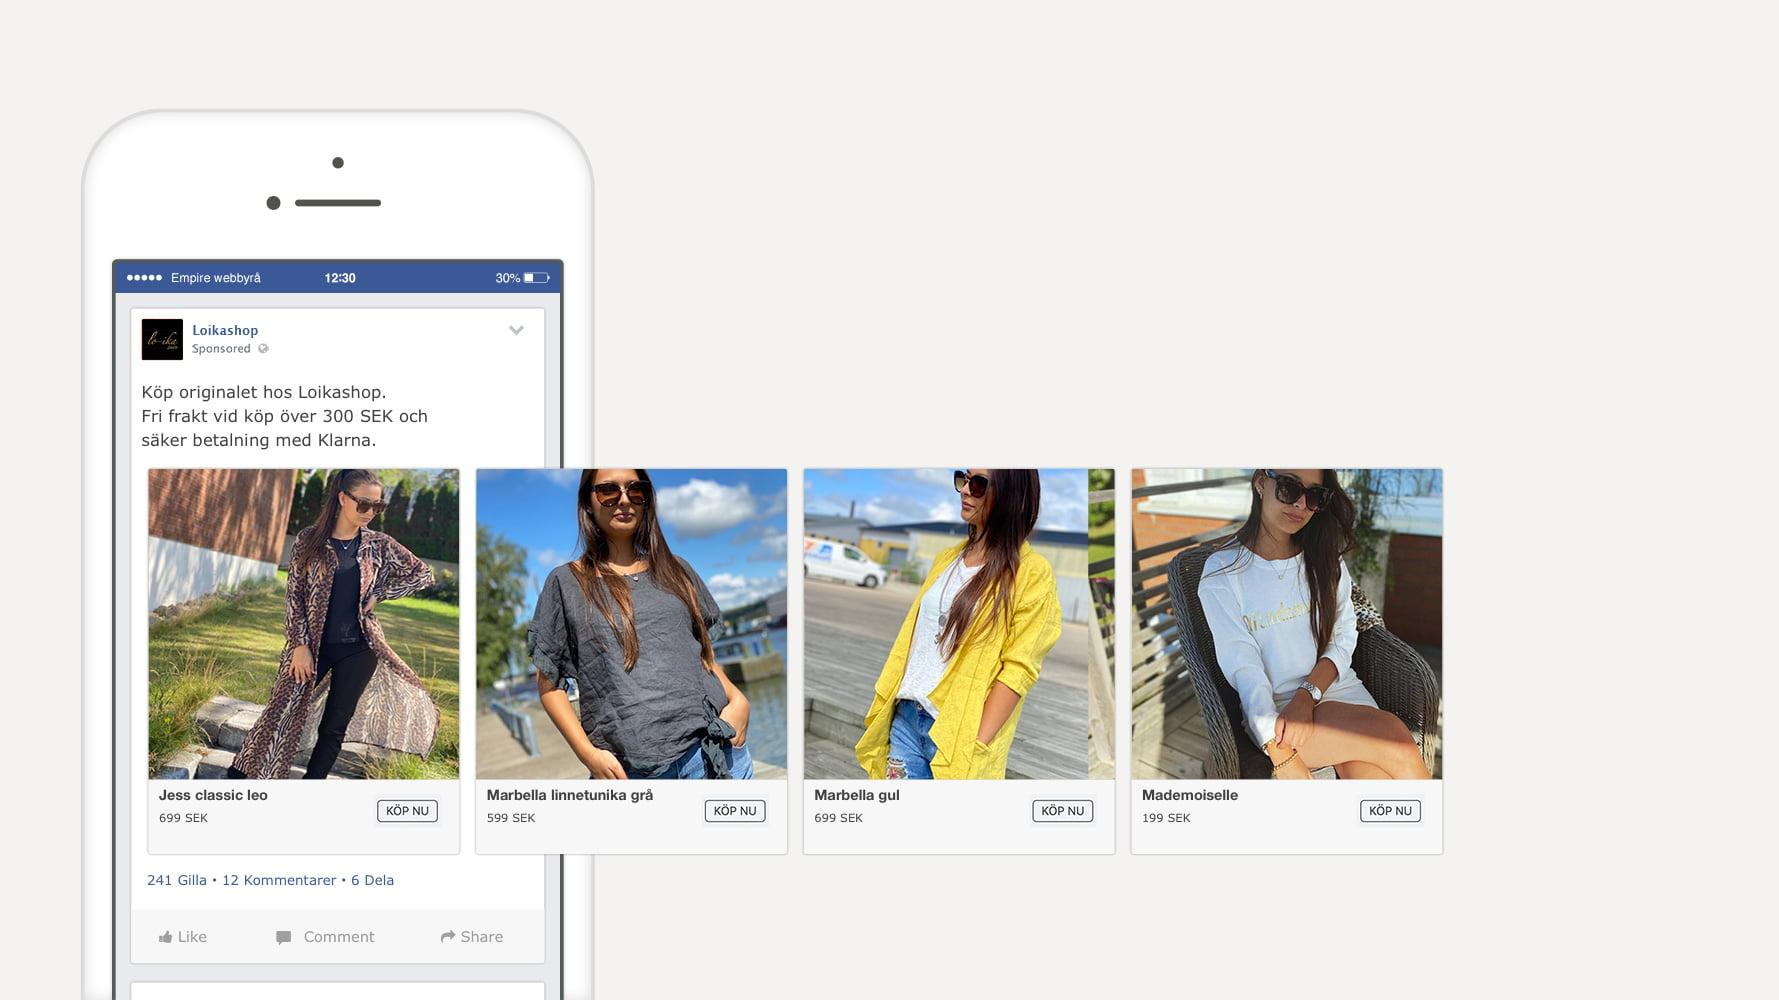 misstag och strategier facebook annonser